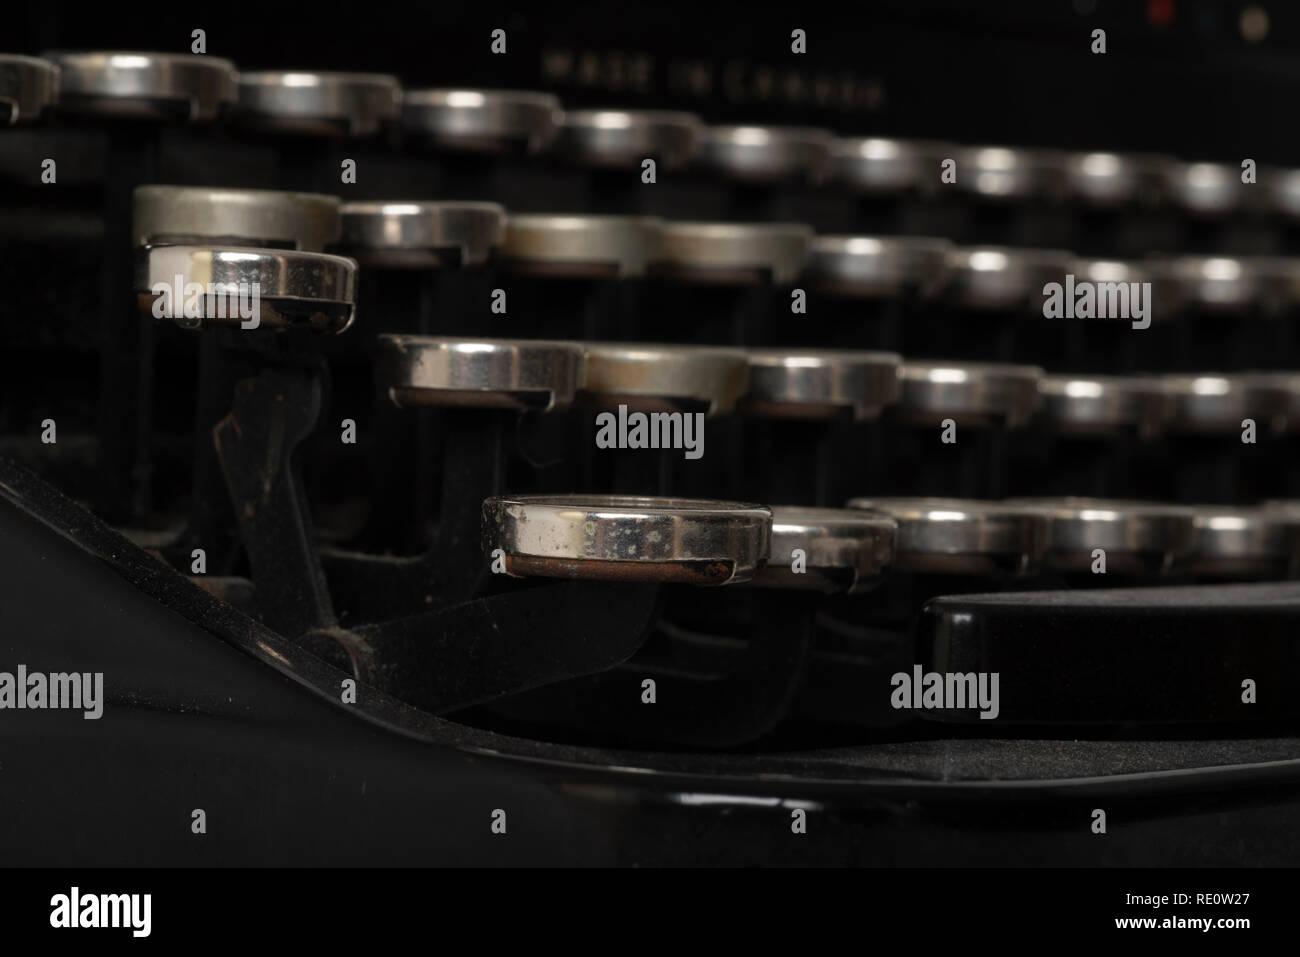 Close up of manual keys on a 1950s-era Royal typewriter. - Stock Image